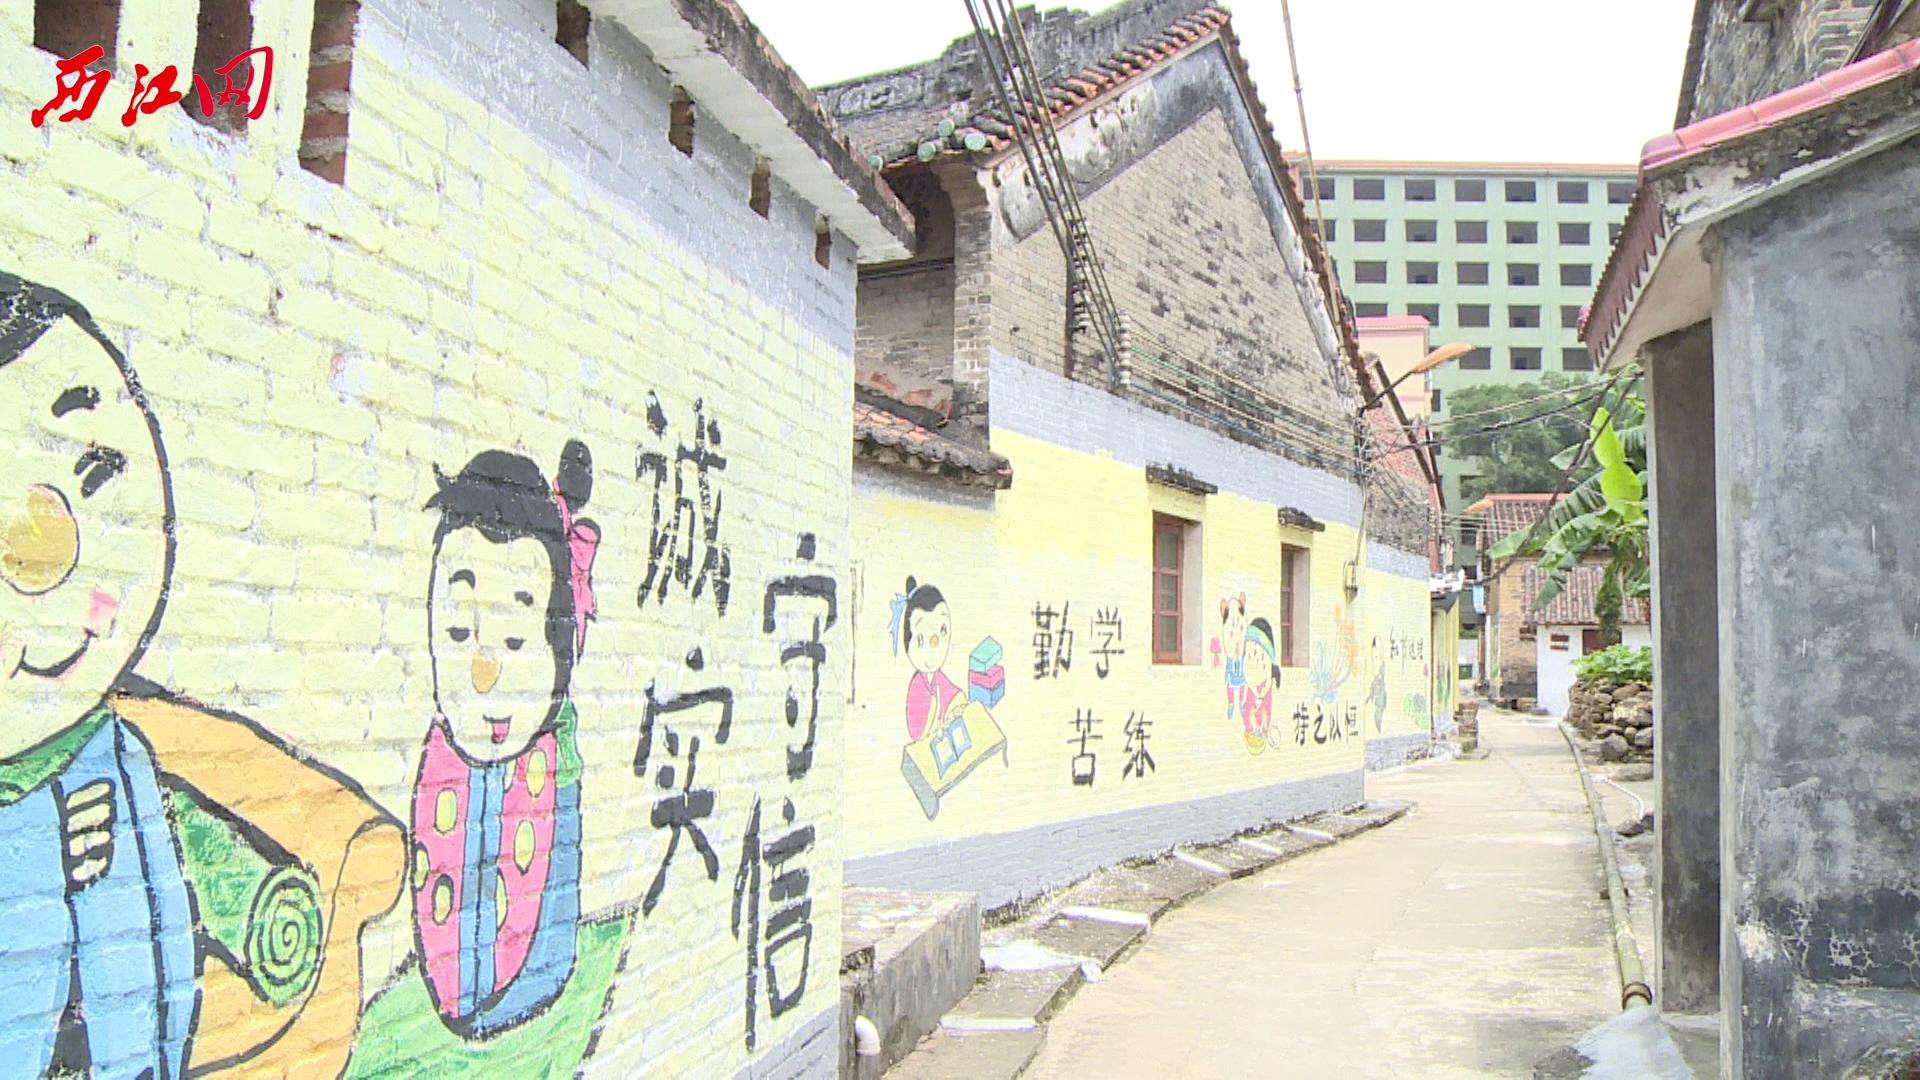 鼎湖迪村:鼎湖山下的福地人家